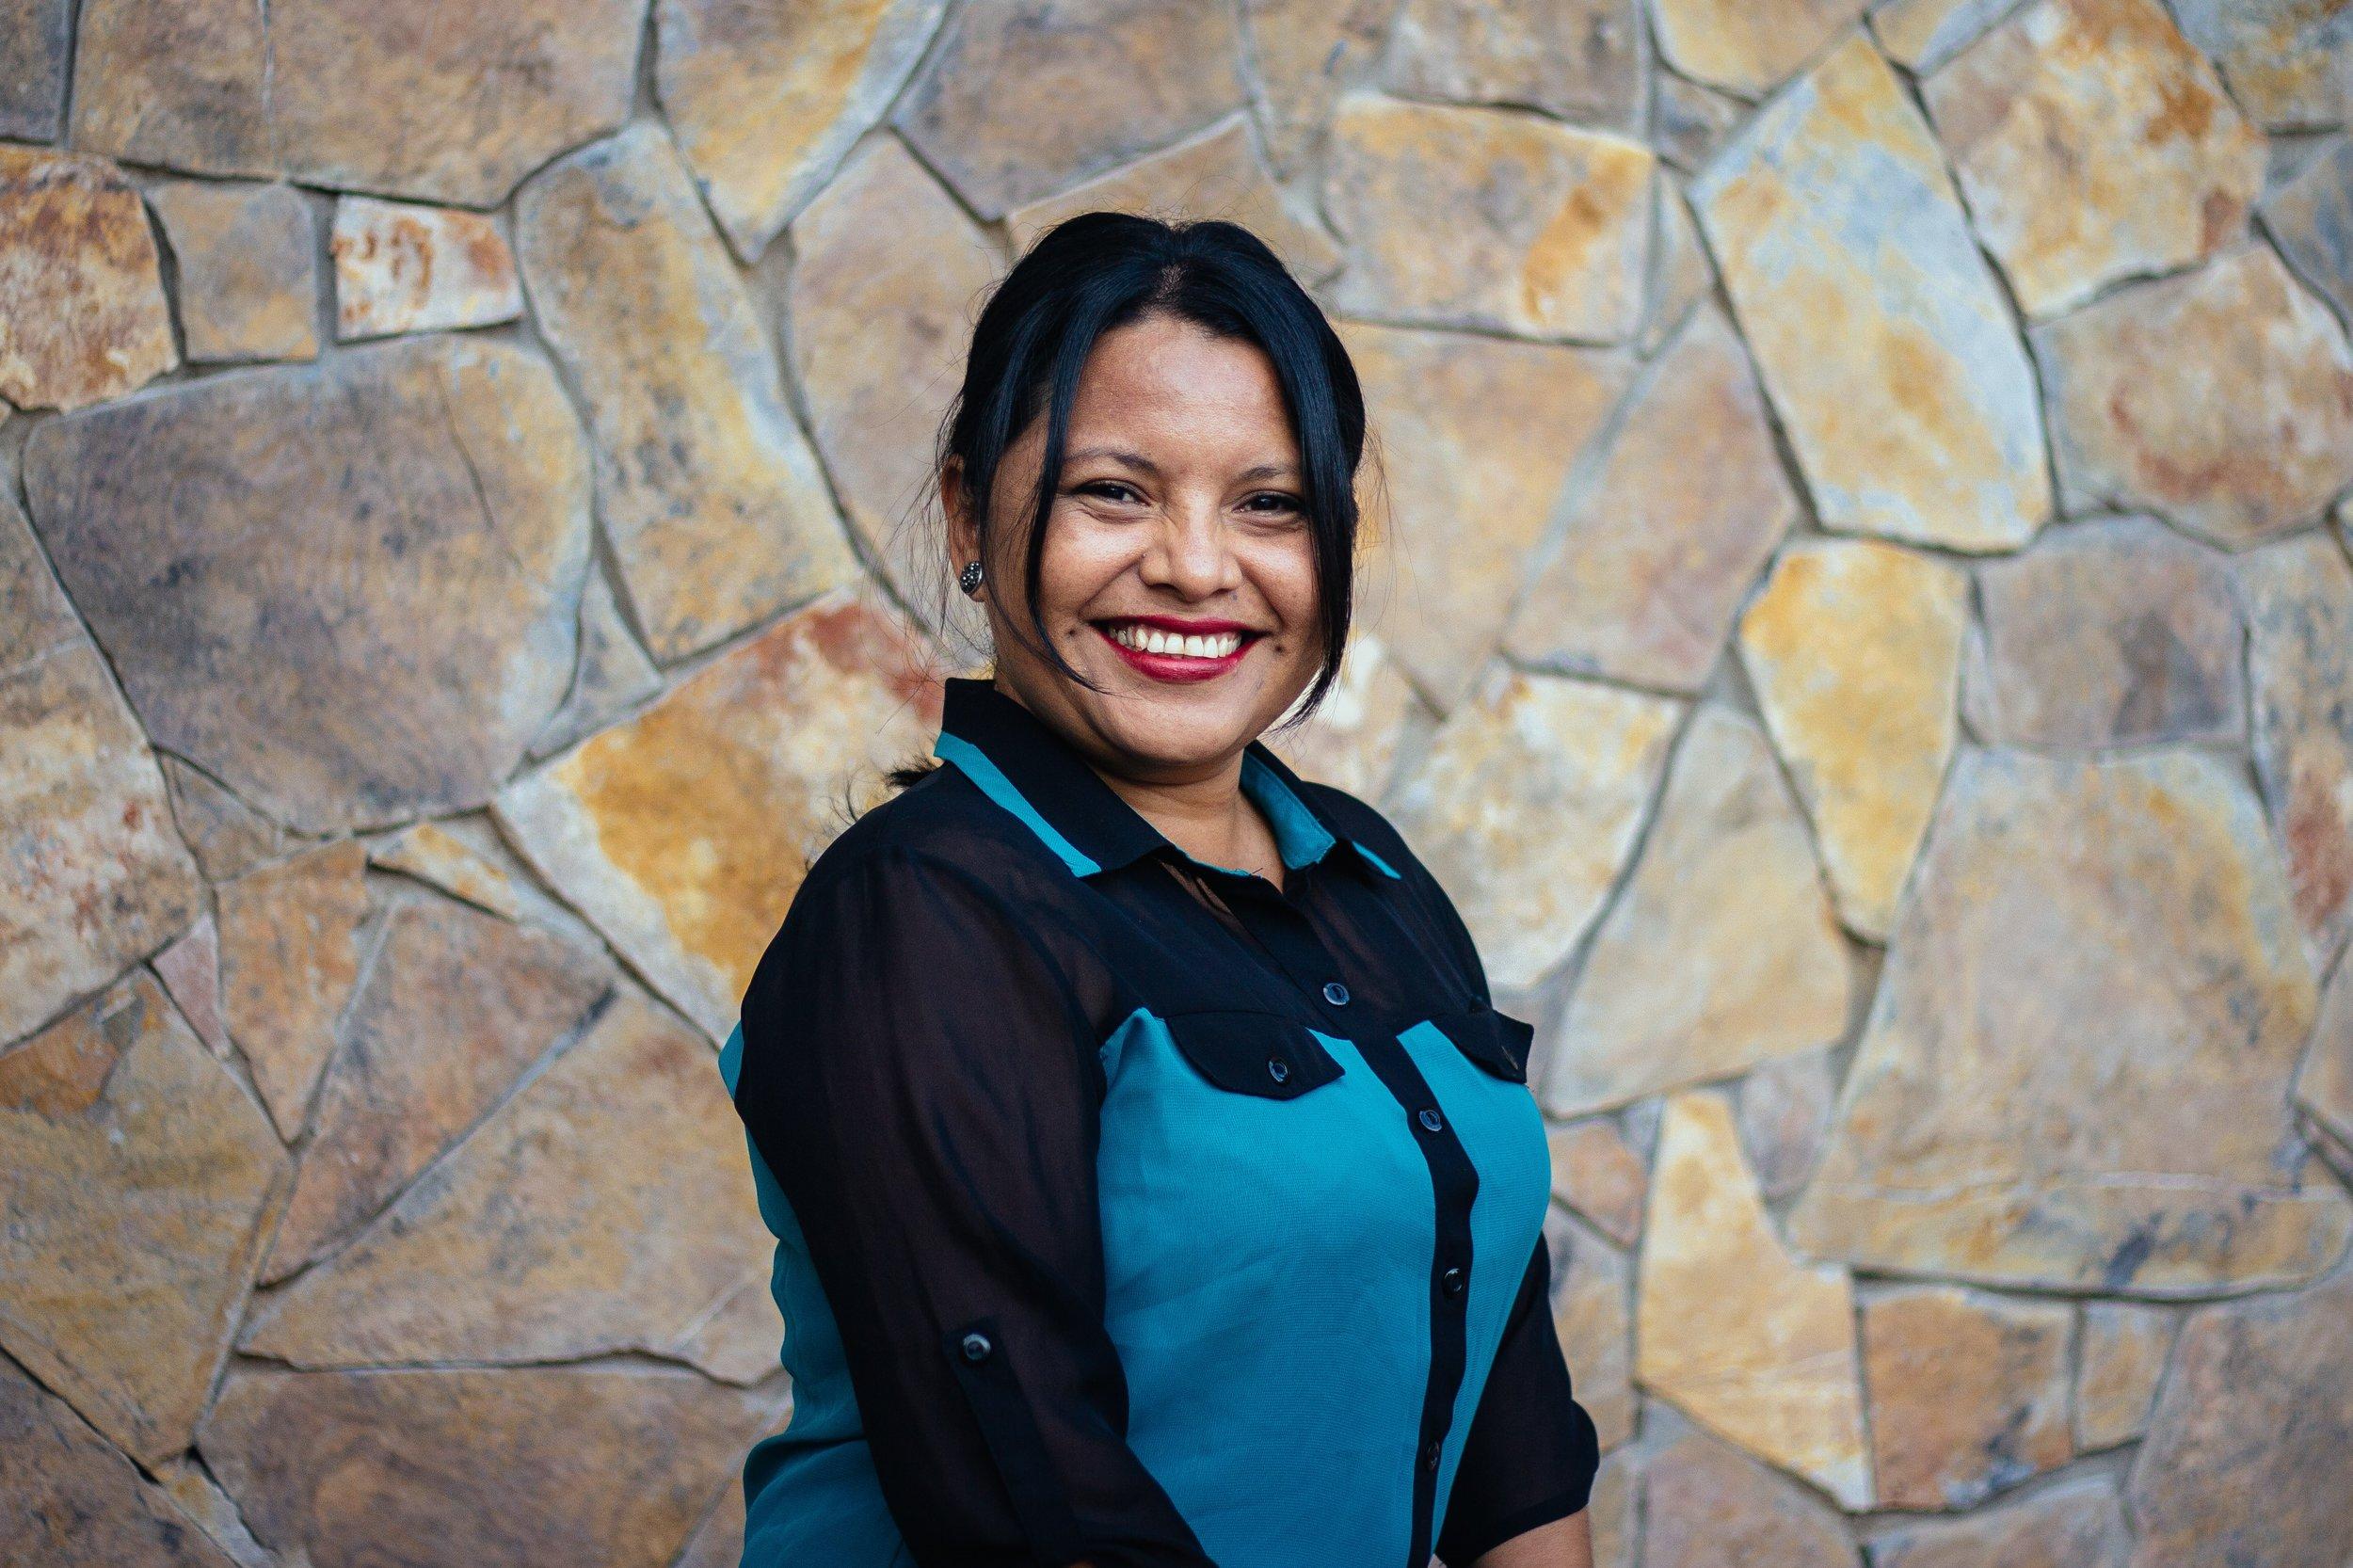 Izabel Hernandez Coffee shop Manager & Barista